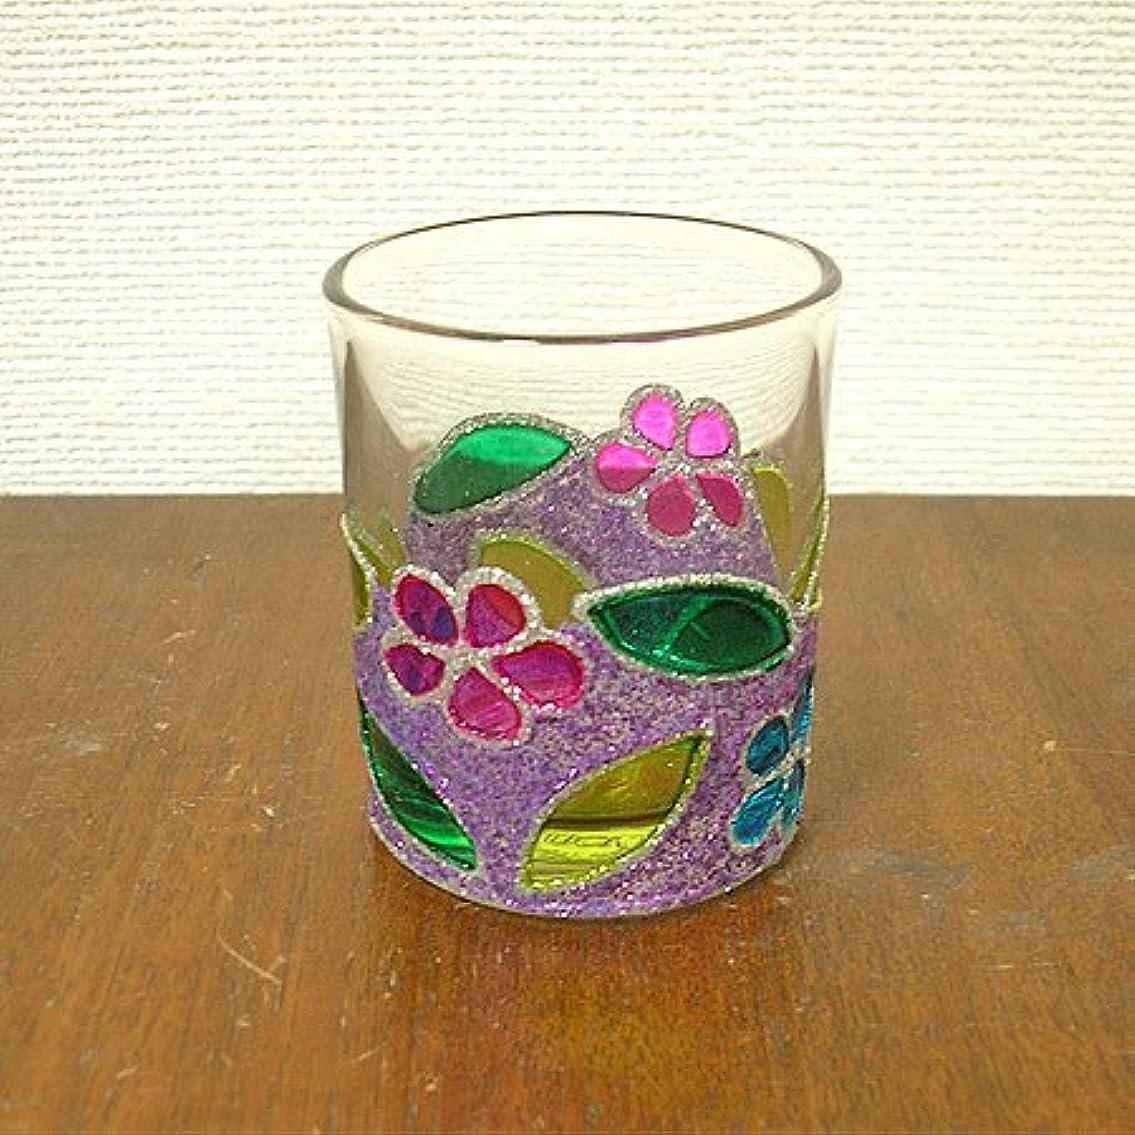 なぜ眼ゲートアジアン キャンドルホルダー カップ グラス 花柄 パープル アジアン雑貨